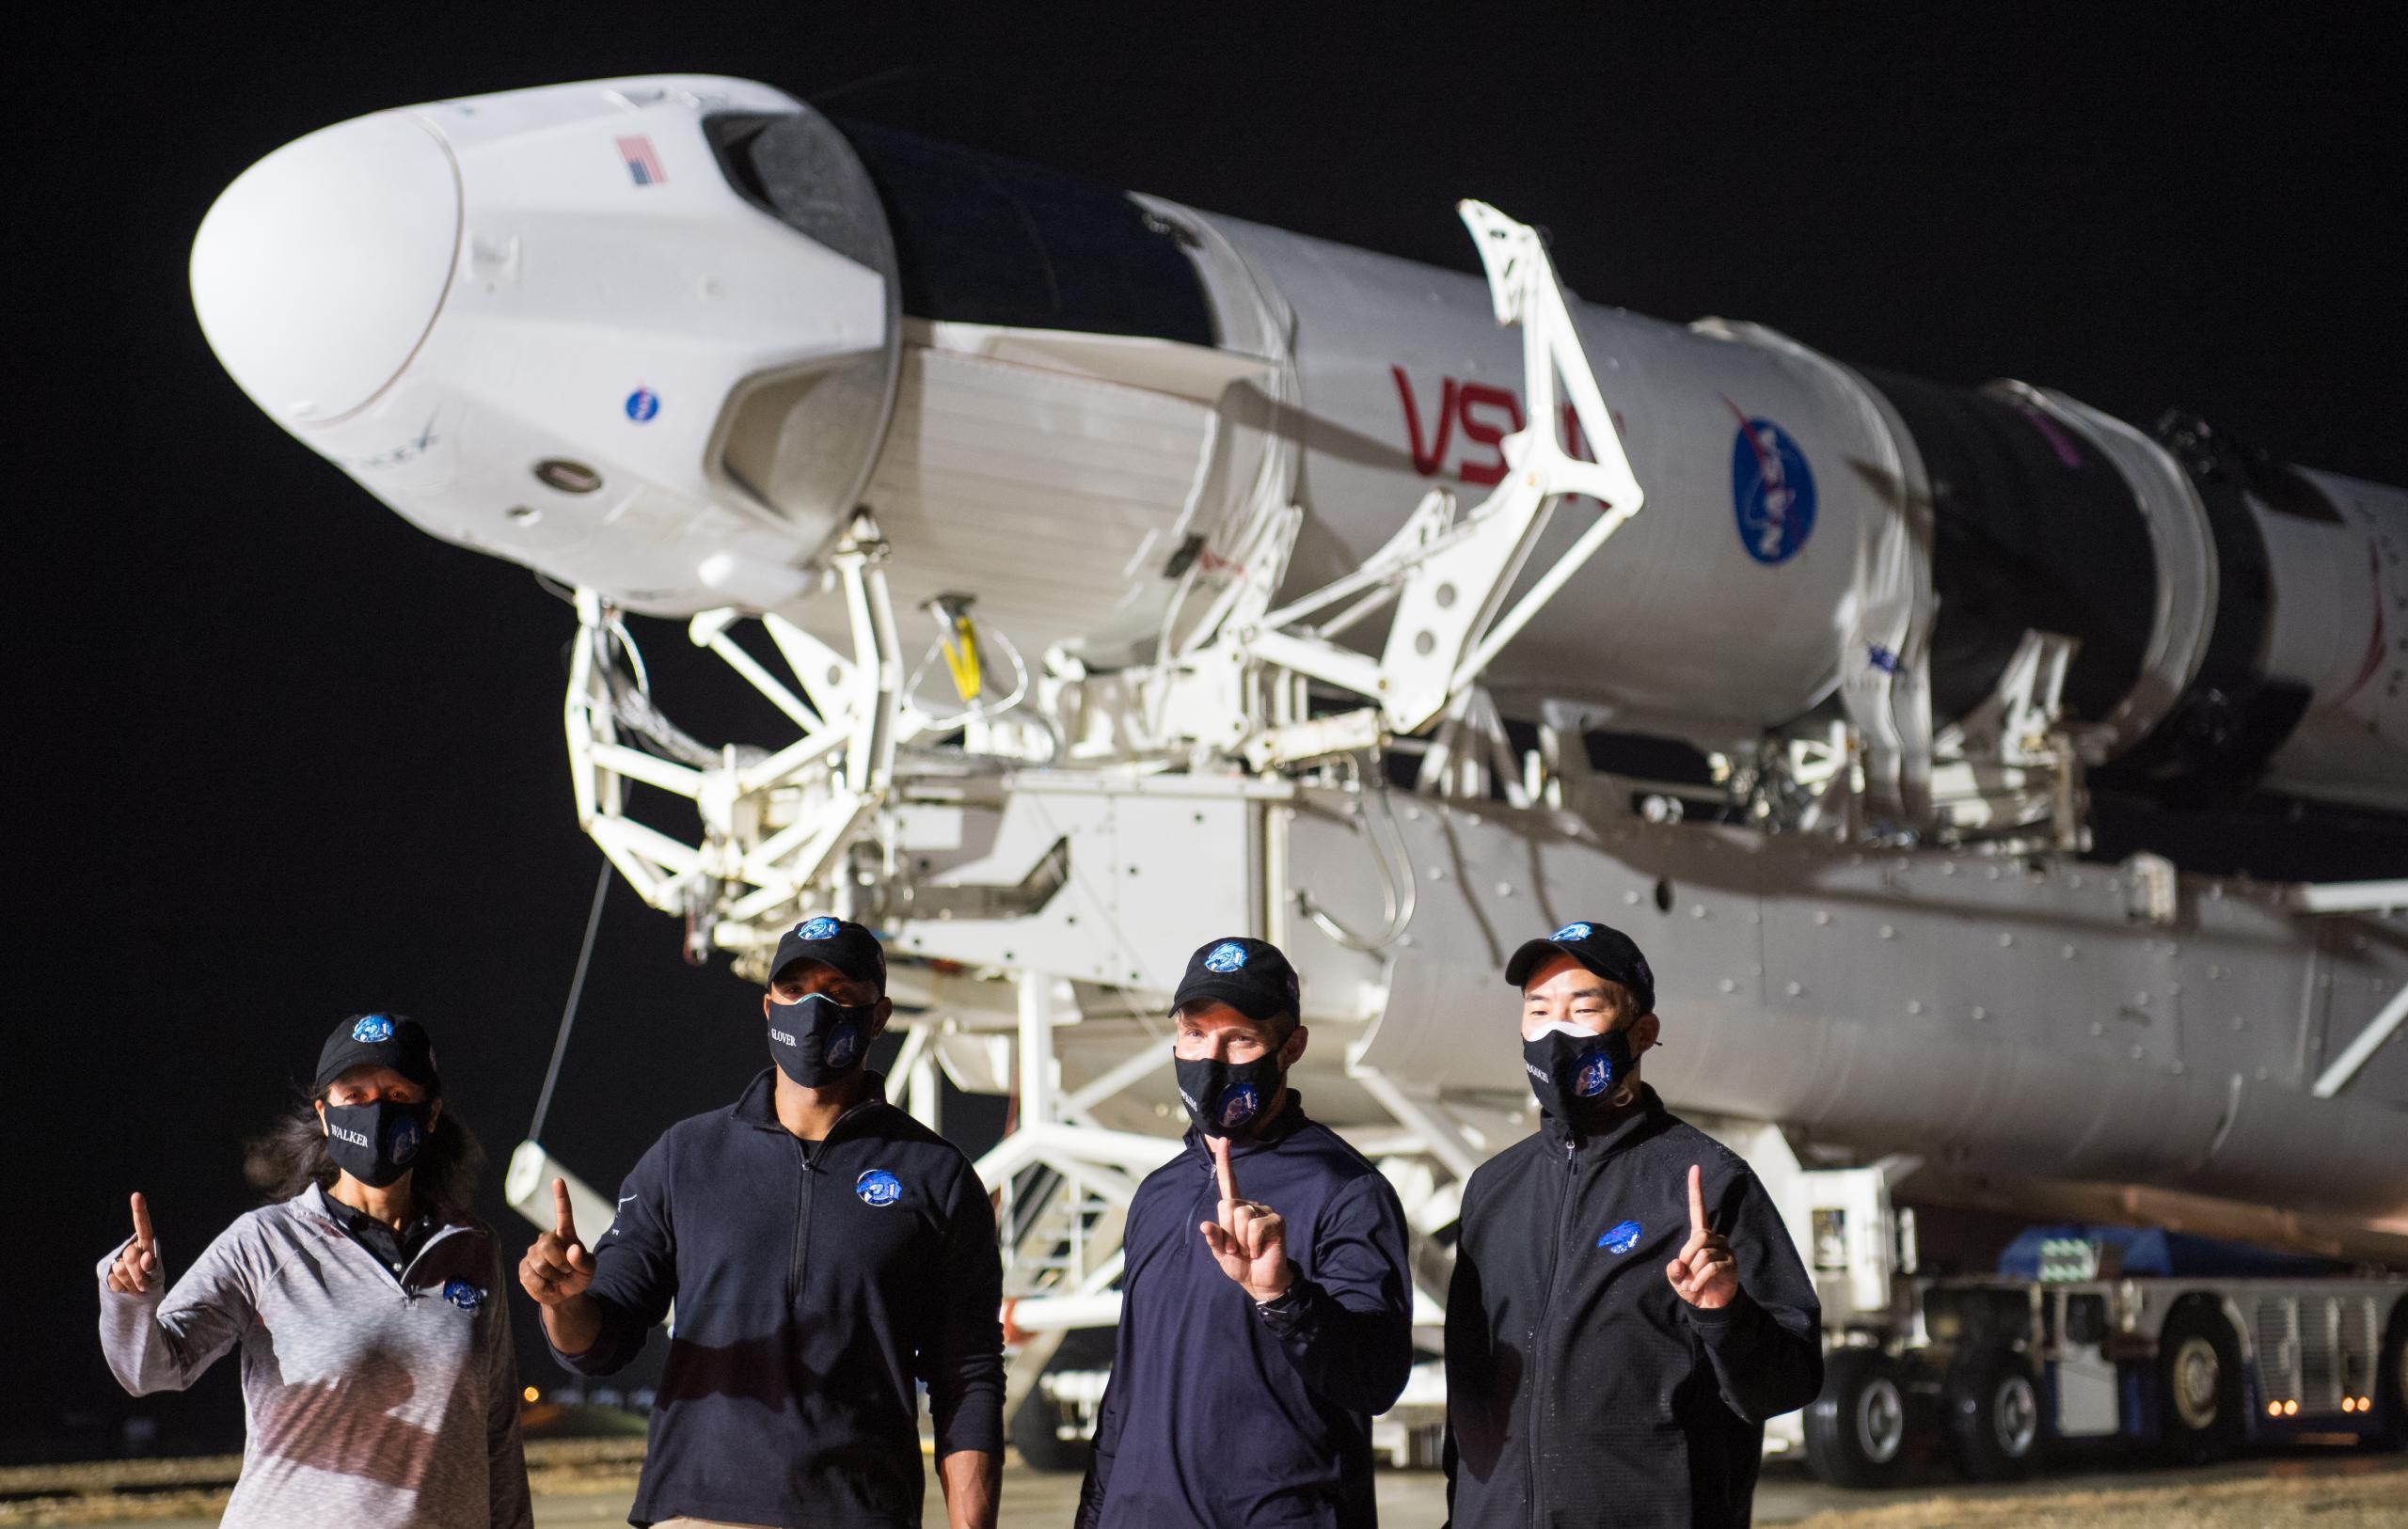 Crew-1 Crew Dragon C207 Falcon 9 B1061 39A 110820 (NASA) rollout 5 (c)